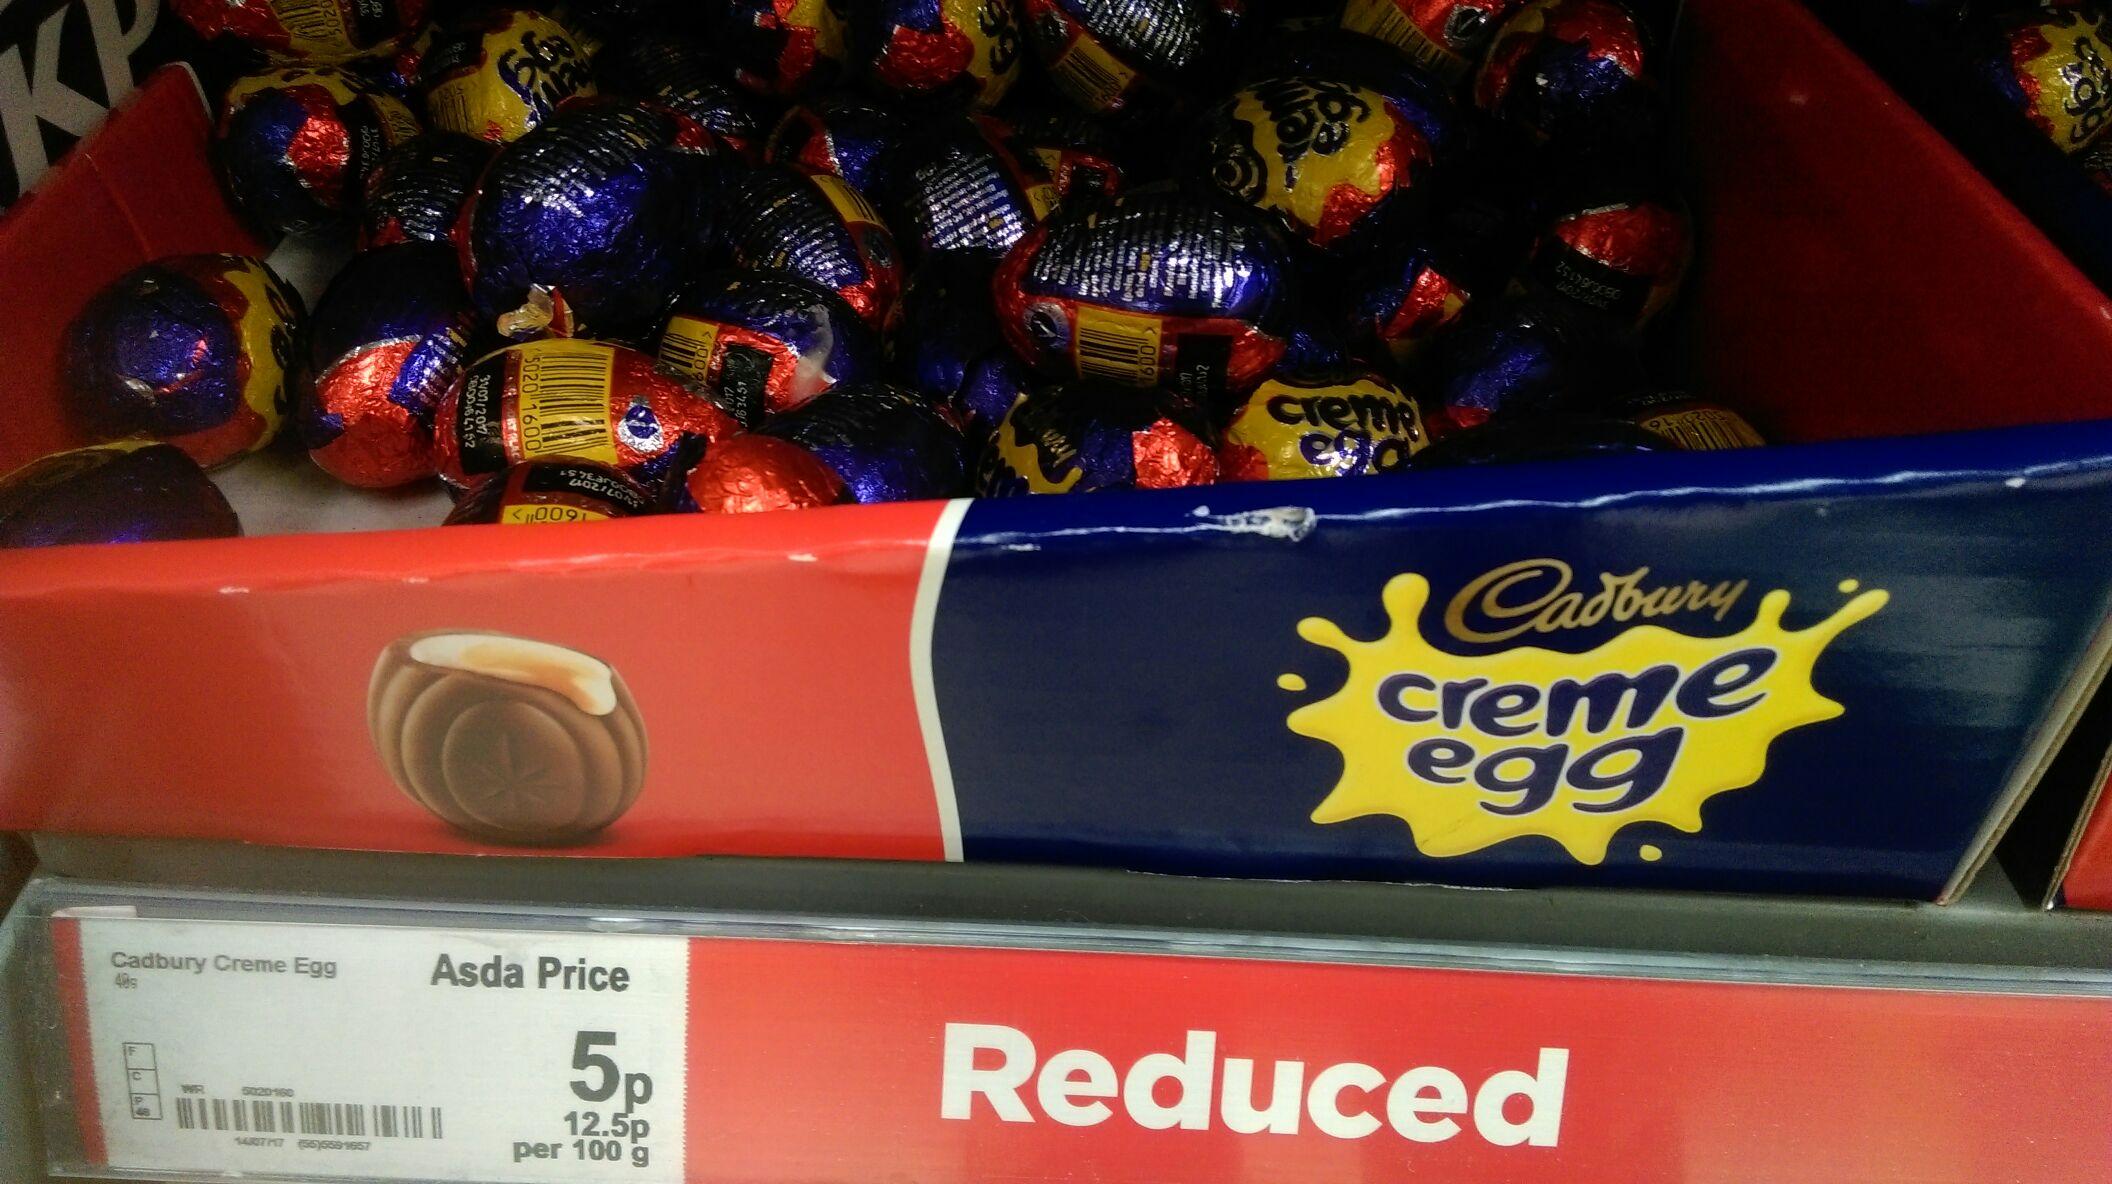 Cadbury's Creme Egg - 5p instore at ASDA Wembley